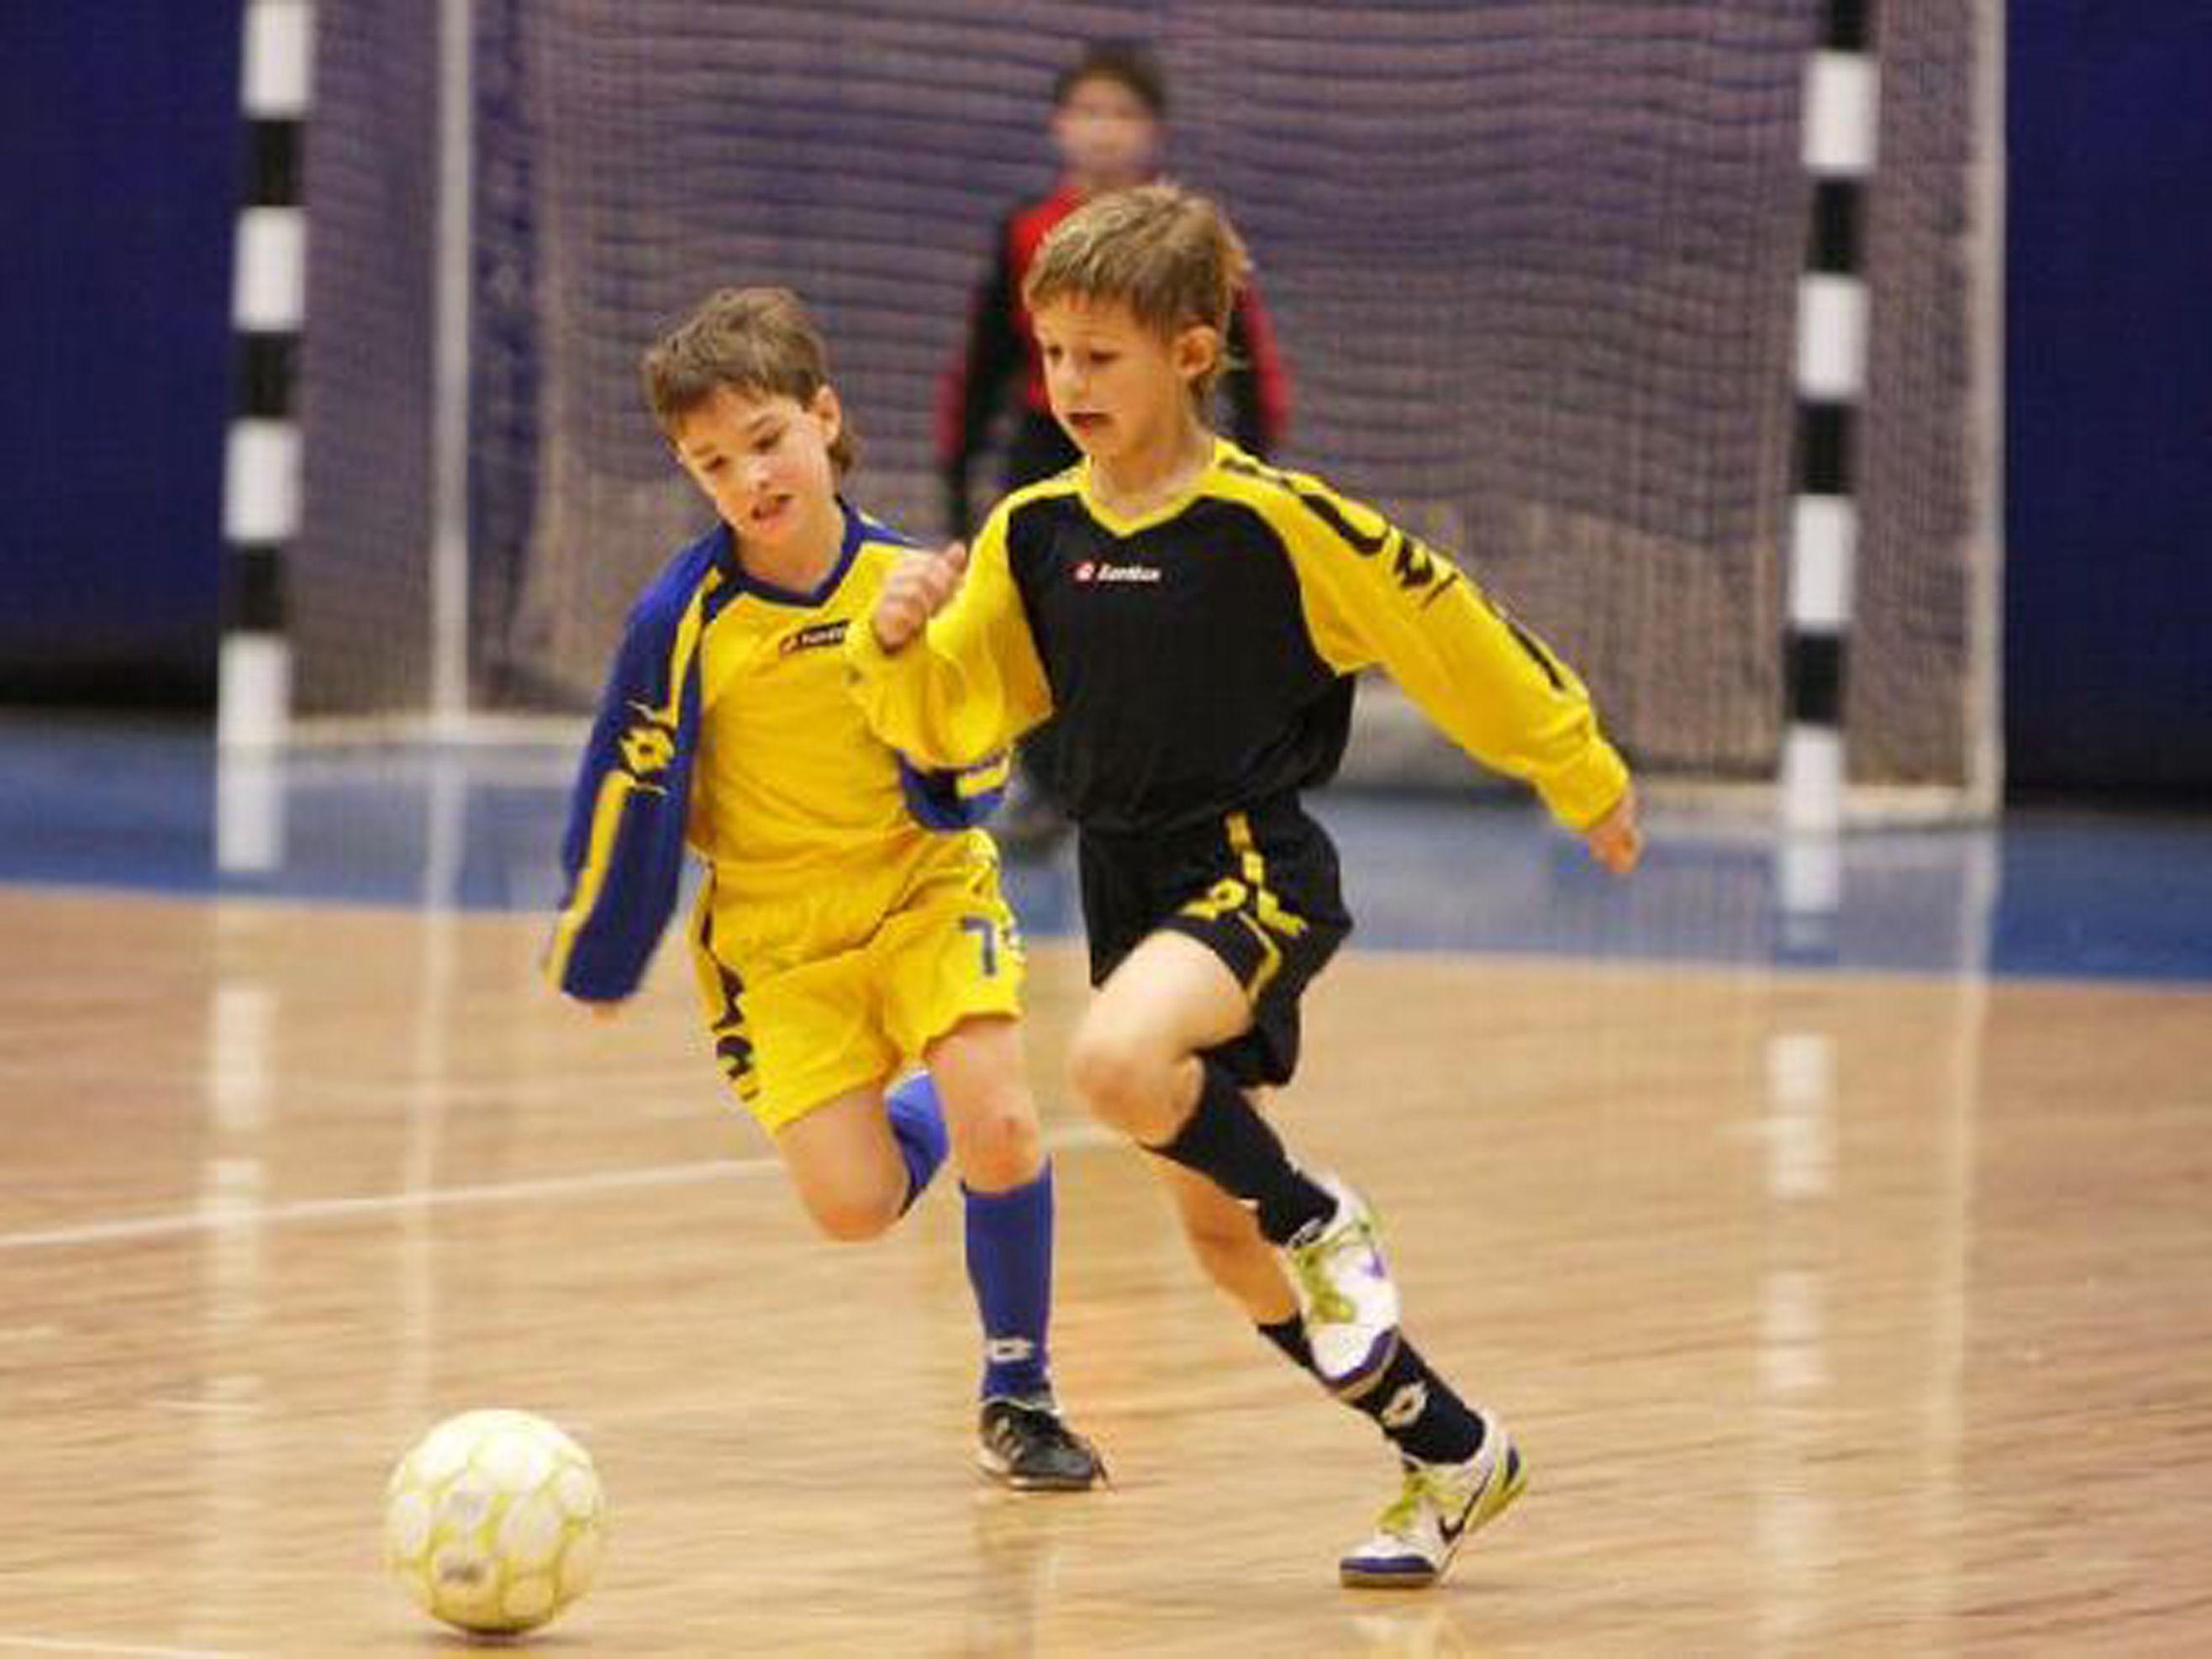 футбол свит товарищеские мачти по футболу